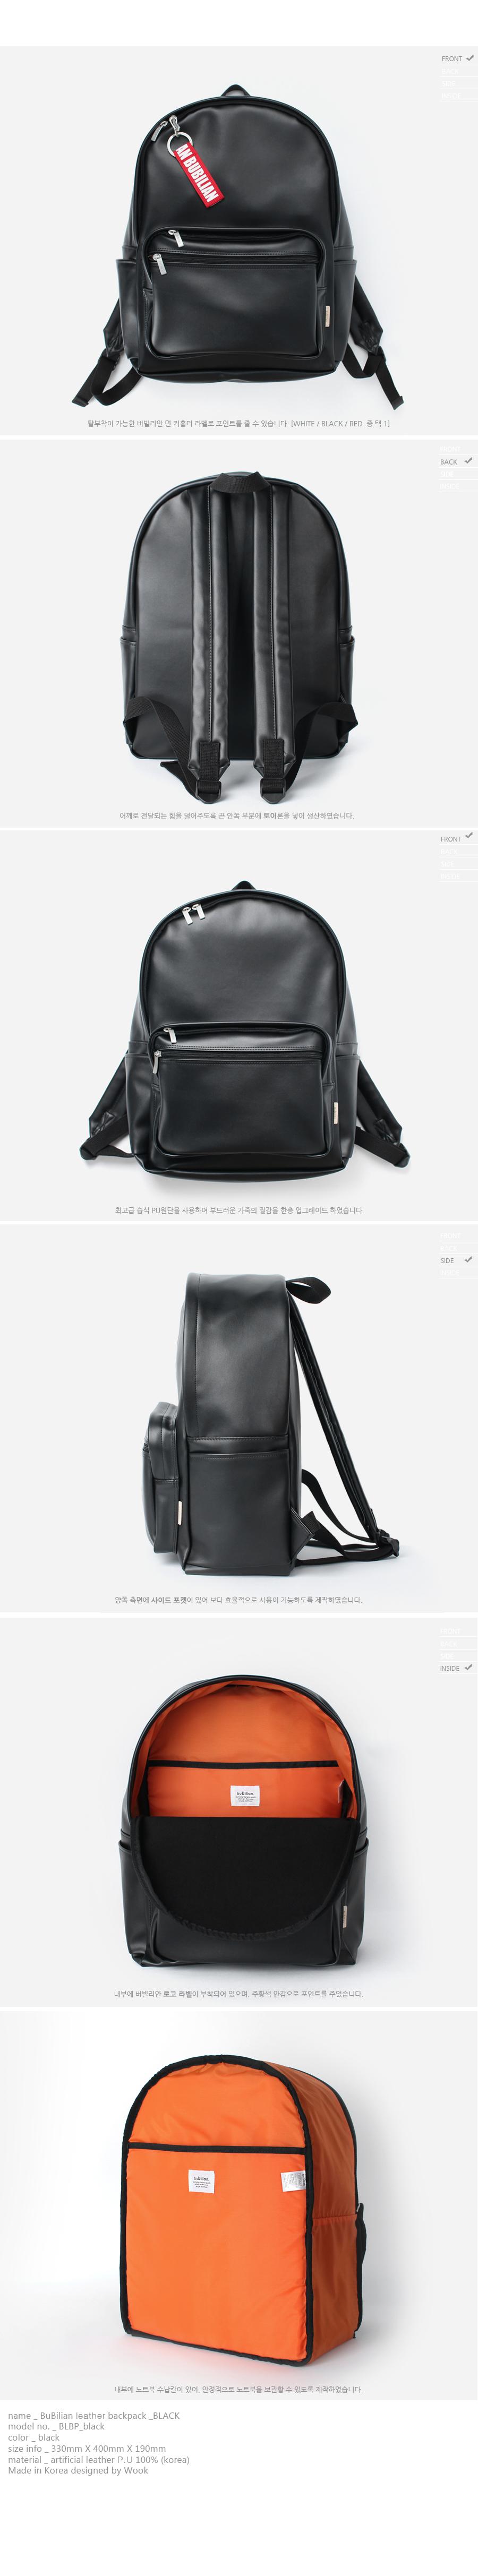 BLBP-BLACK-900-2.jpg